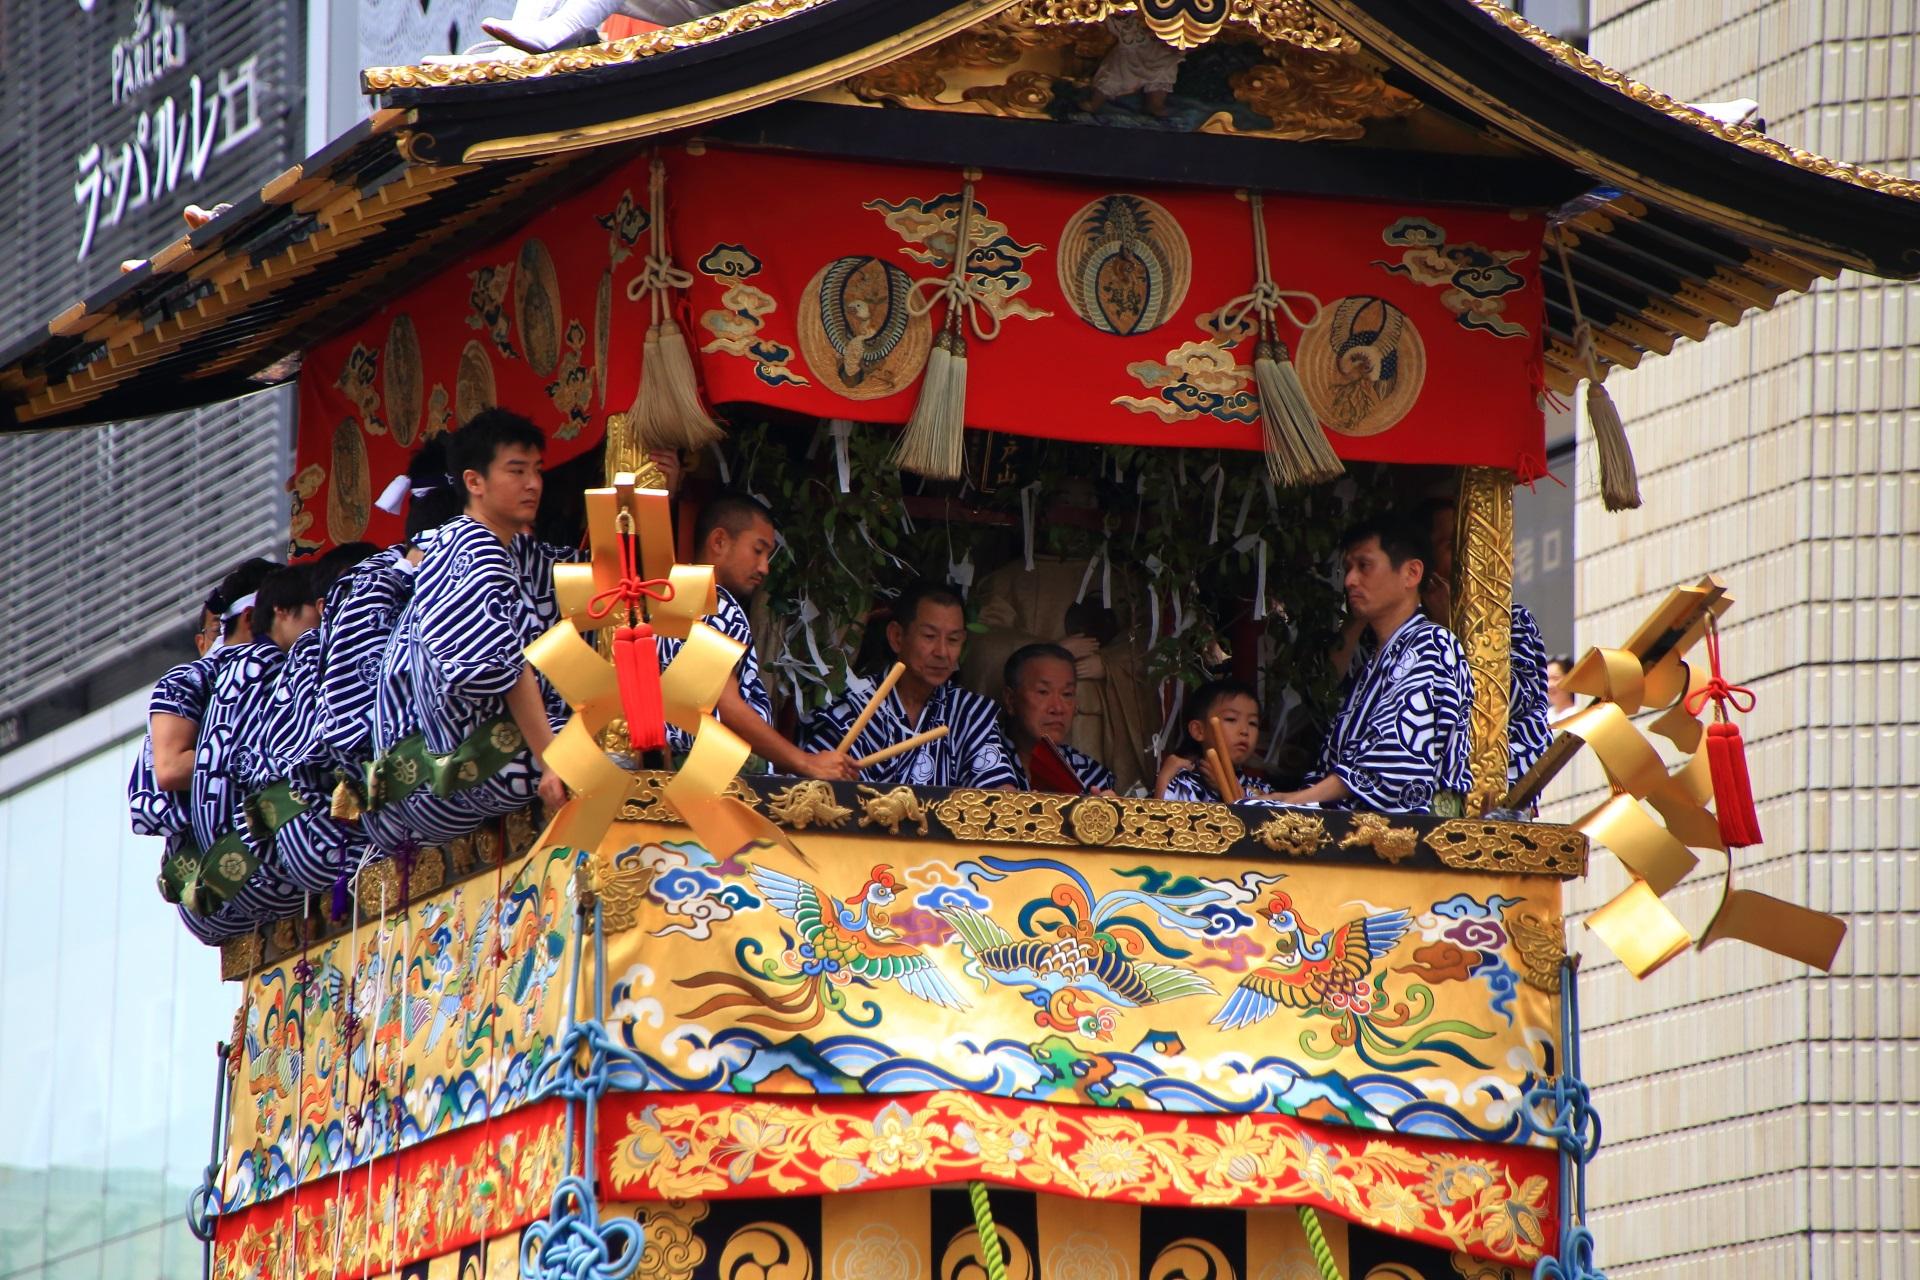 岩戸山の華やかな水引や装飾